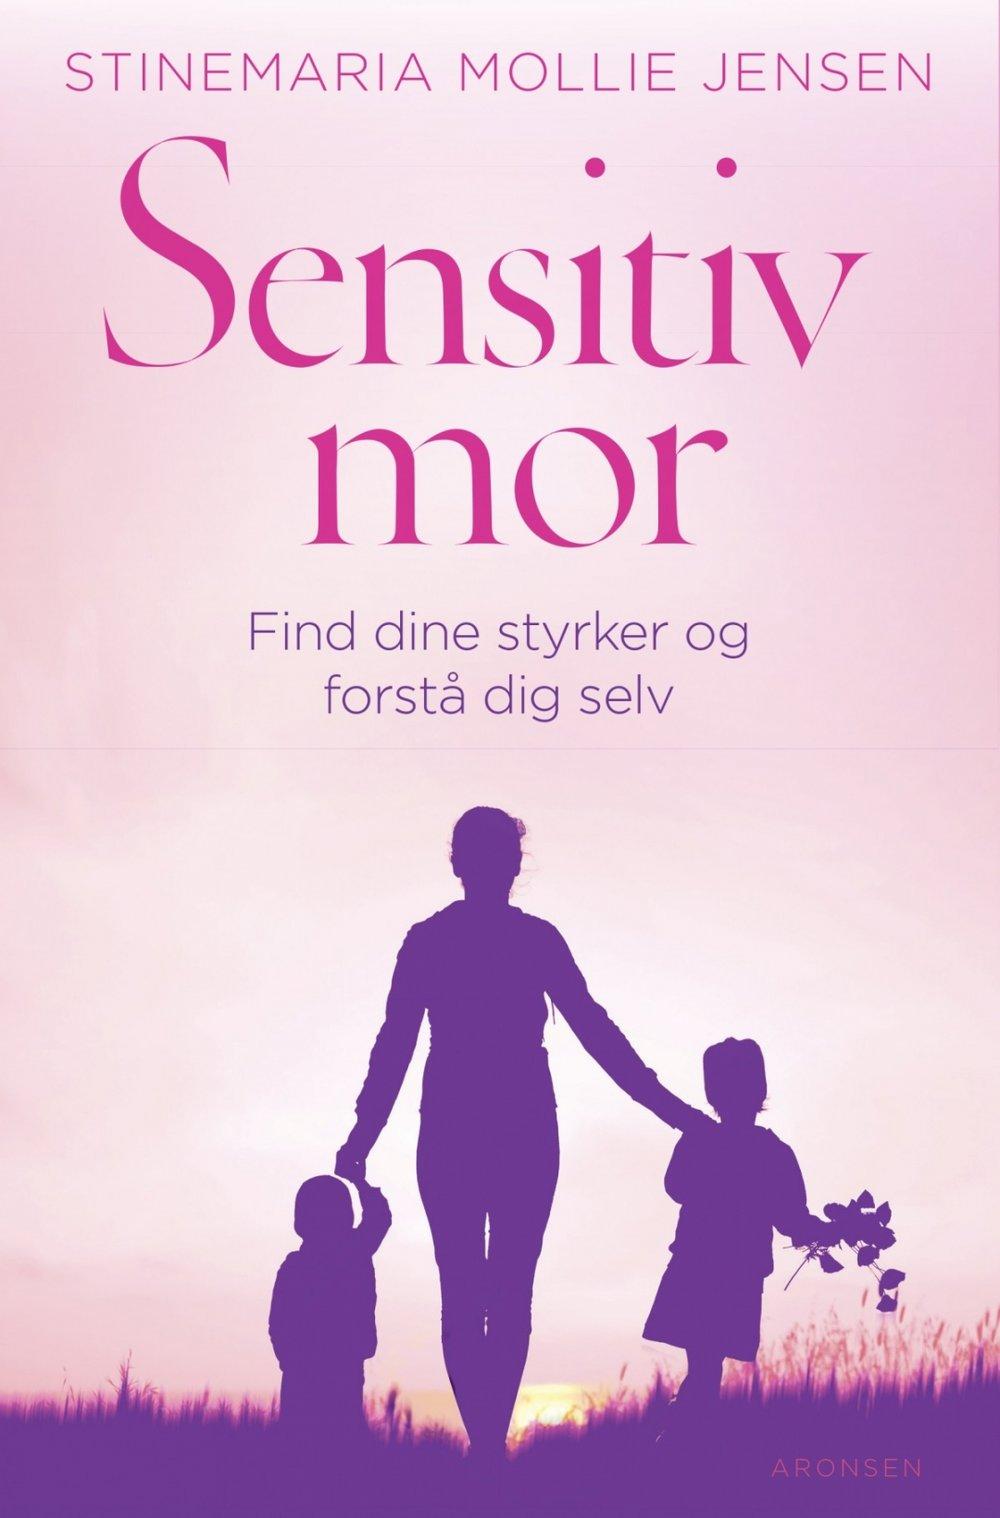 Sensitiv mor - Endelig kommer den første danske bog til mødre, der er klar til at bruge det sensitive personlighedstræk som en styrke - og dermed være den bedste mor for deres børn.I Sensitiv mor - Find dine styrker og forstå dig selv får du kærlige råd og værktøjer til bedre at håndtere din dårlige samvittighed, relationer, der kan støje, og dit følelsesliv i det hele taget. Alle ting, der er dagligdag for den sensitive mor.Forfatter, coach, underviser og foredragsholder Stinemaria Mollie er selv sensitiv og har interviewet 50 kvinder, der alle bidrager til en bredere forståelse af begrebet sensitivitet hos mødre.Du kan købe bogen her